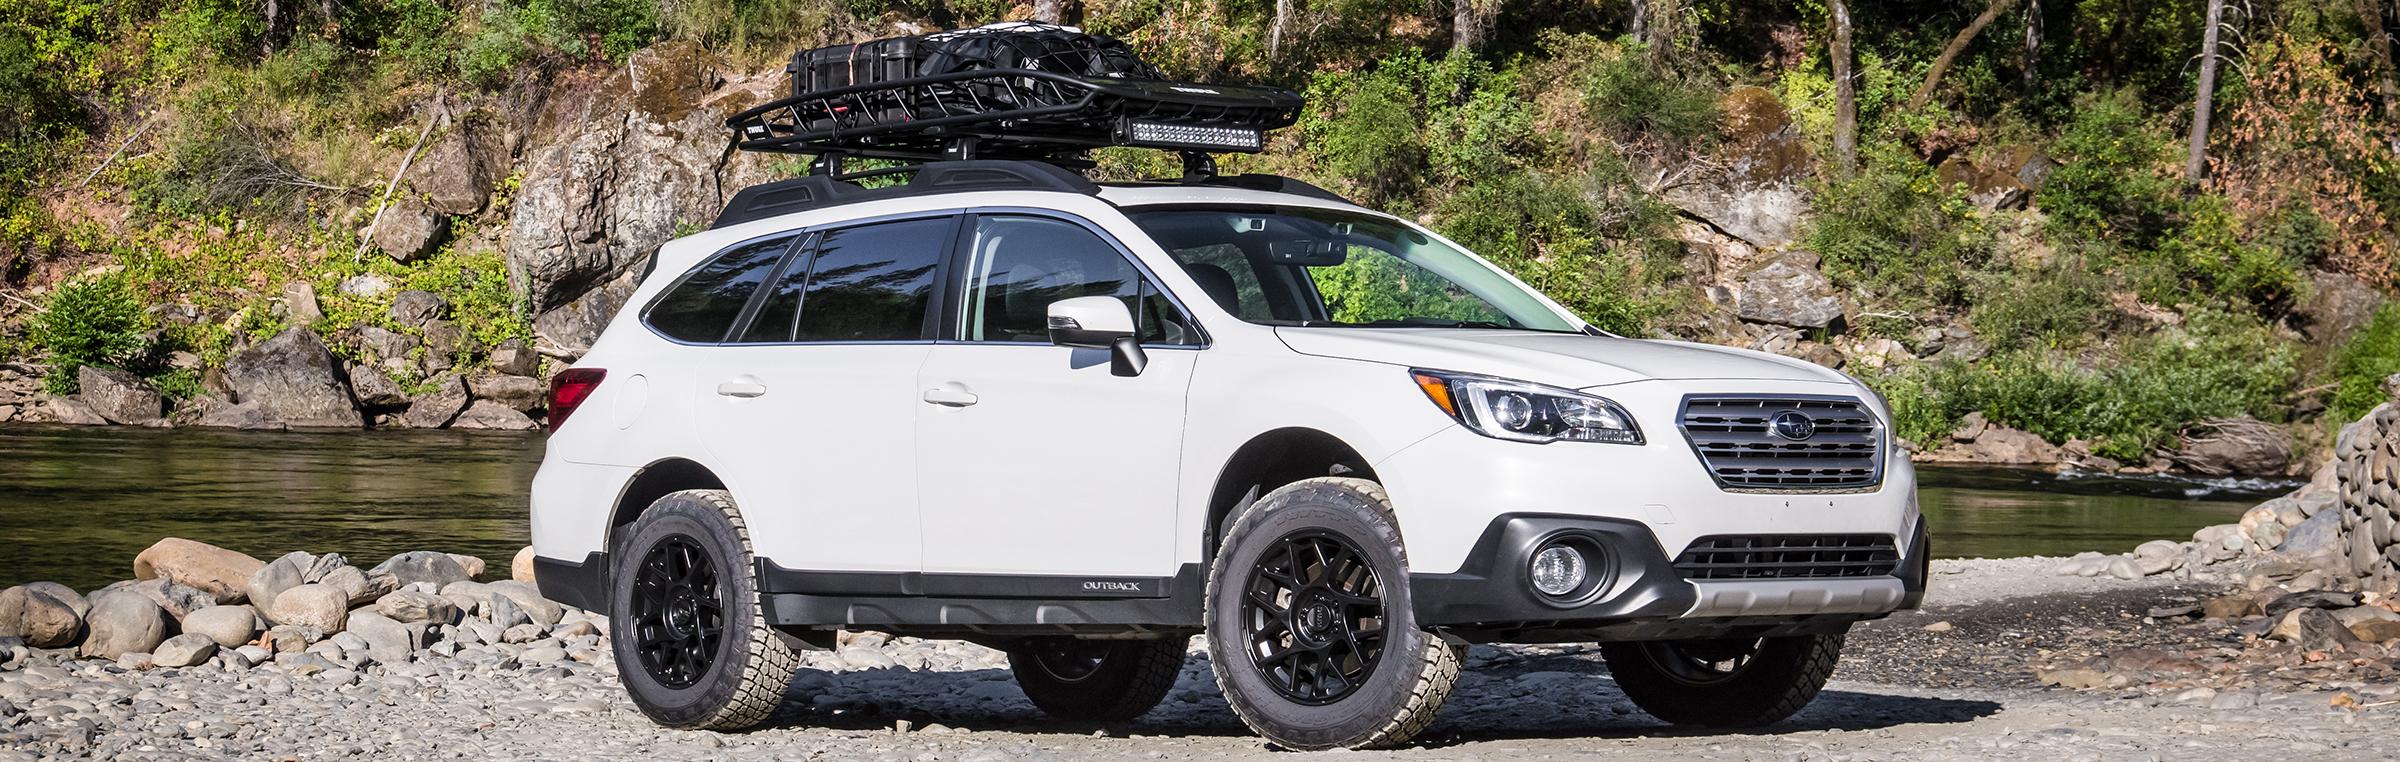 Subaru Lift Kits Outback Lift Kit Crosstrek Lift Kits